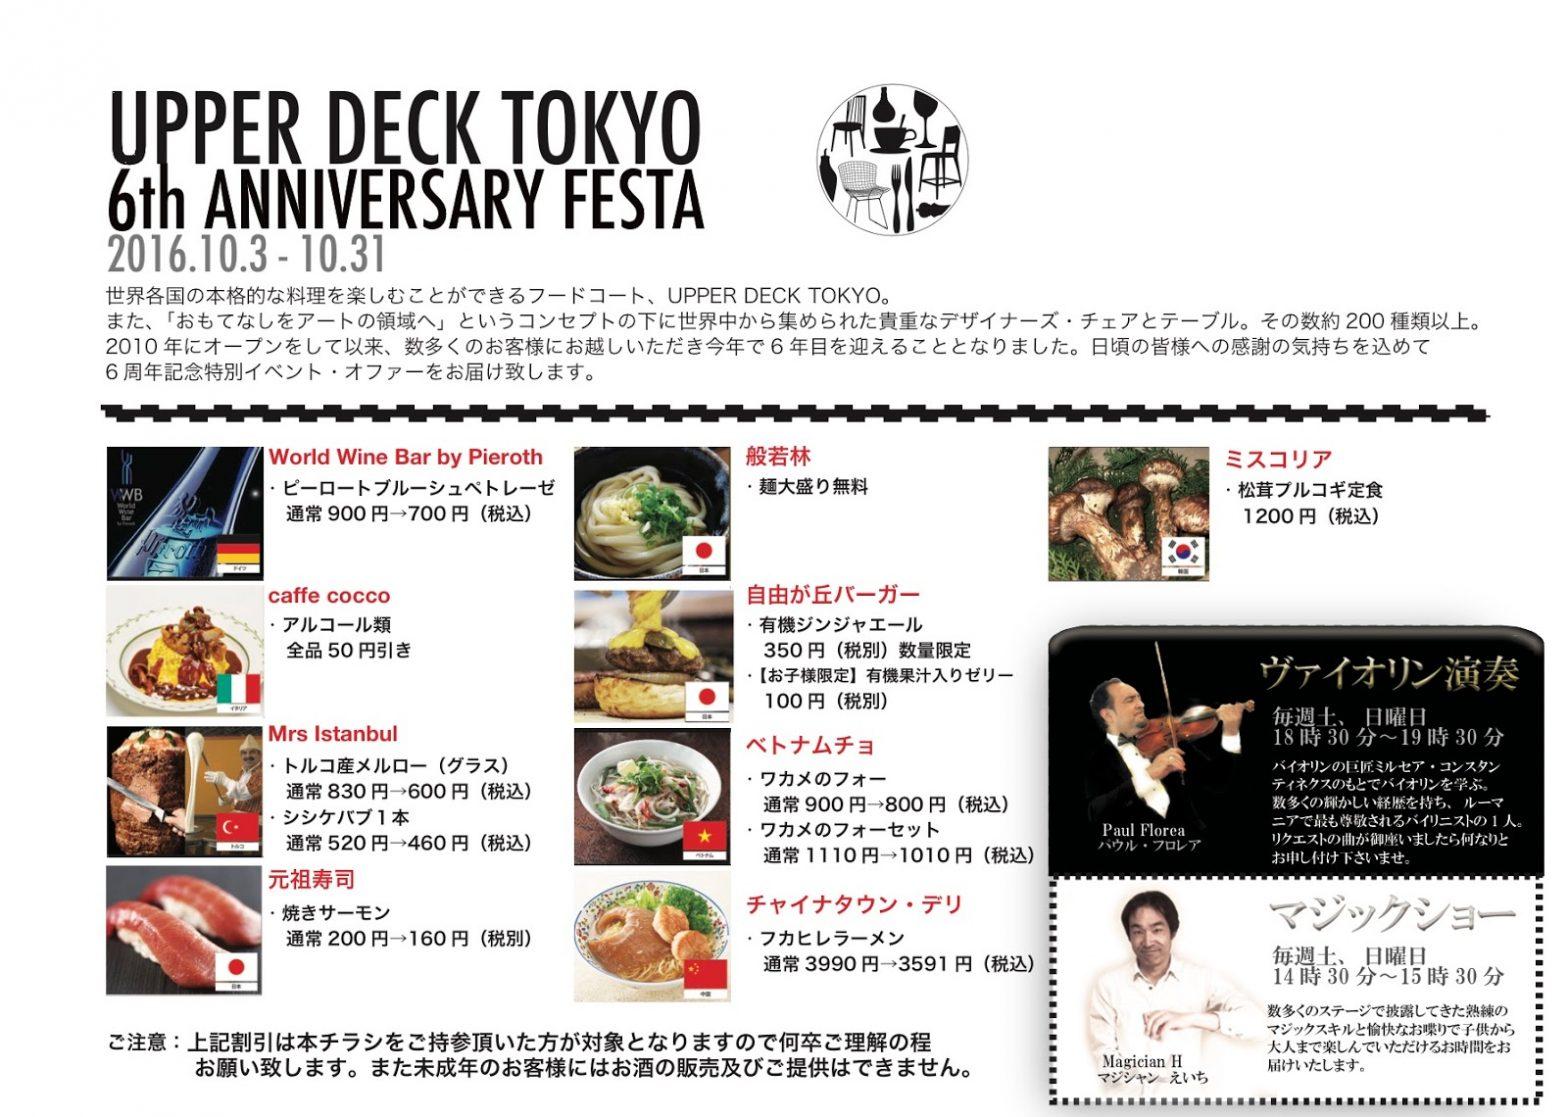 羽田空港第2旅客ターミナル3階フードコート アッパーデッキトウキョウ6周年記念イベントでテーブルホッピングマジック